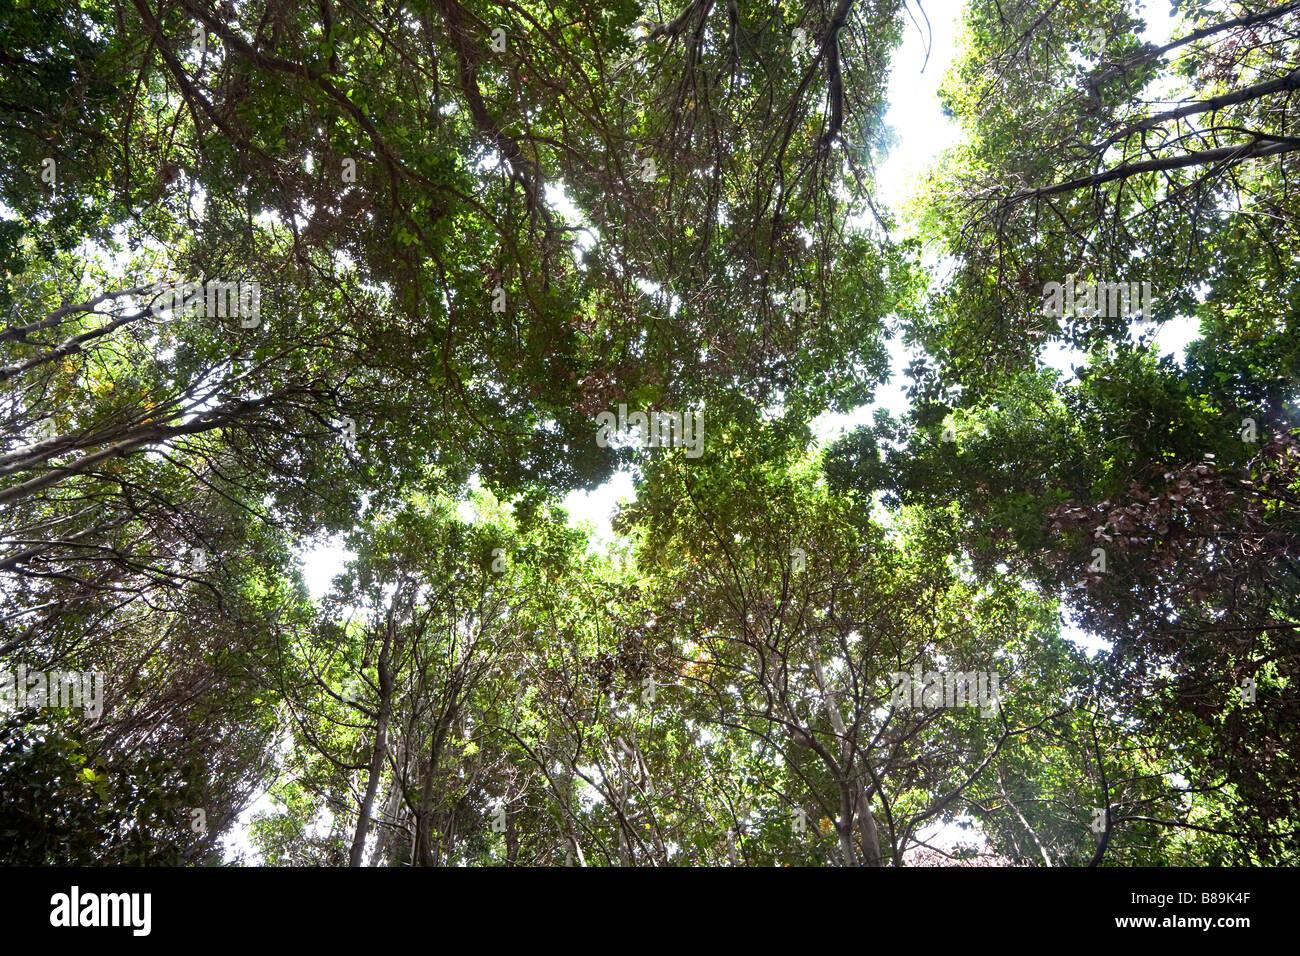 Nachschlagen in Baumkronen der Lorbeerwald, subtropische Gran Canaria Spanien Stockbild